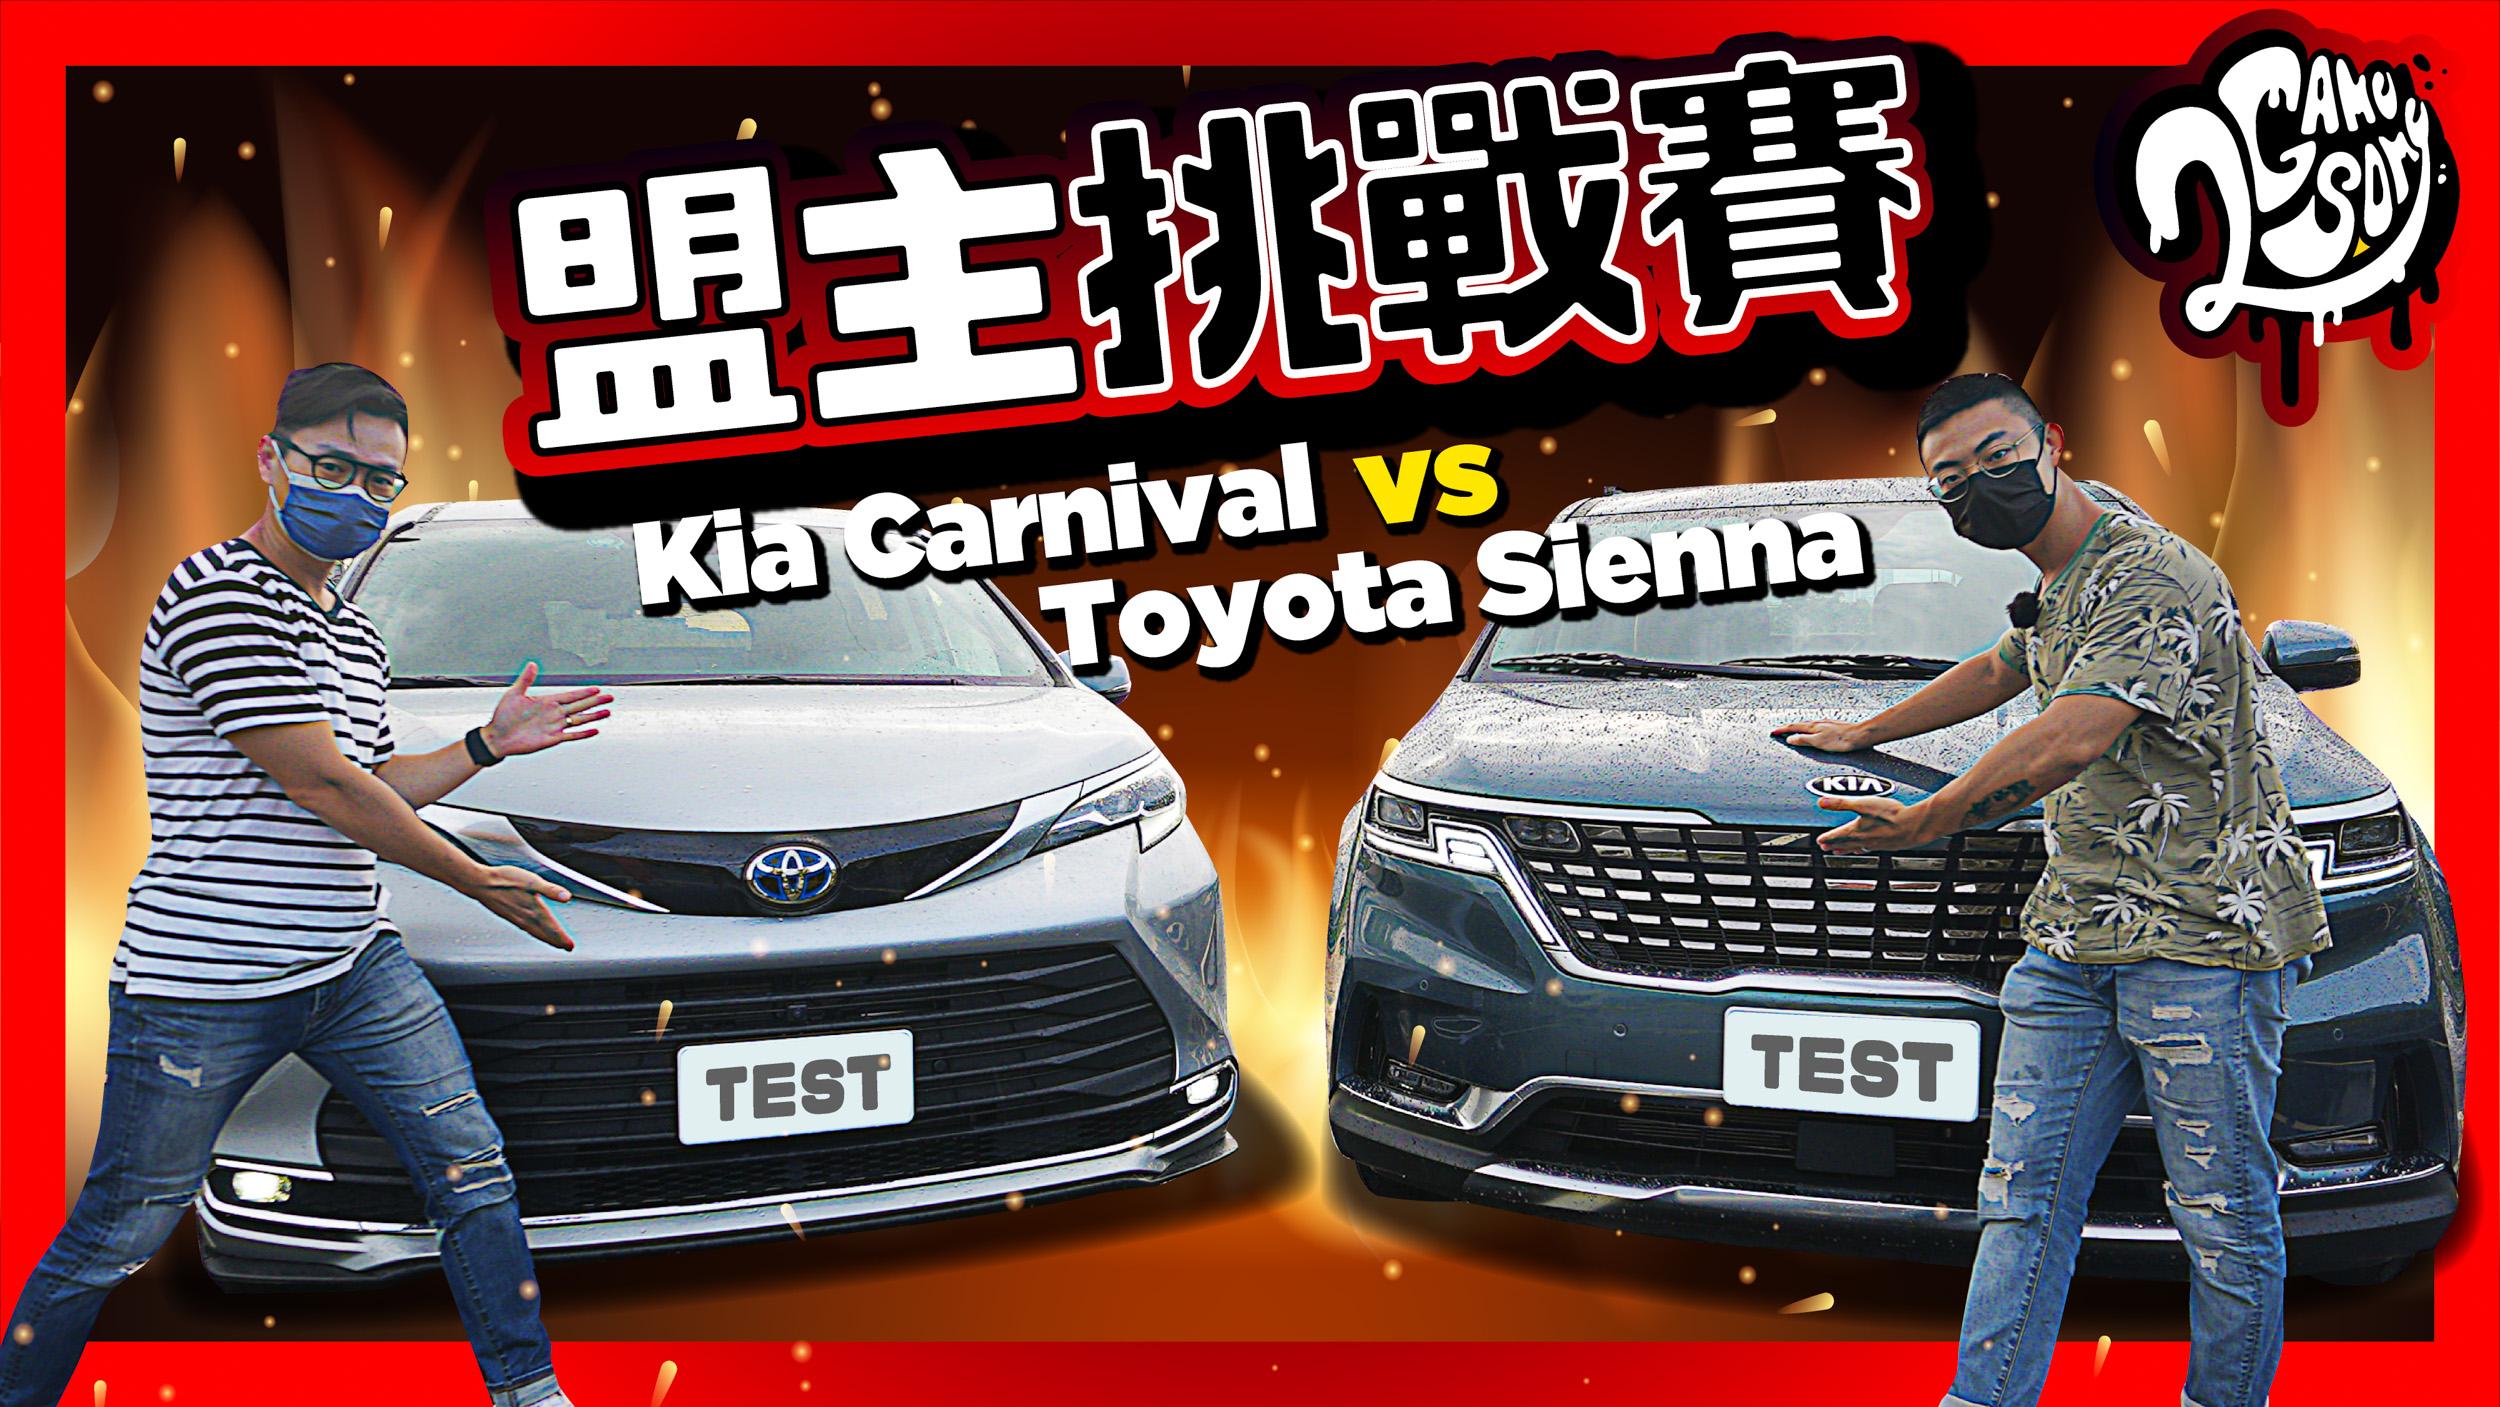 【盟主挑戰賽】Kia Carnival 頂級版七人座 vs Toyota Sienna 旗艦 | 誰是最佳大型 MPV?超深入分析告訴你!